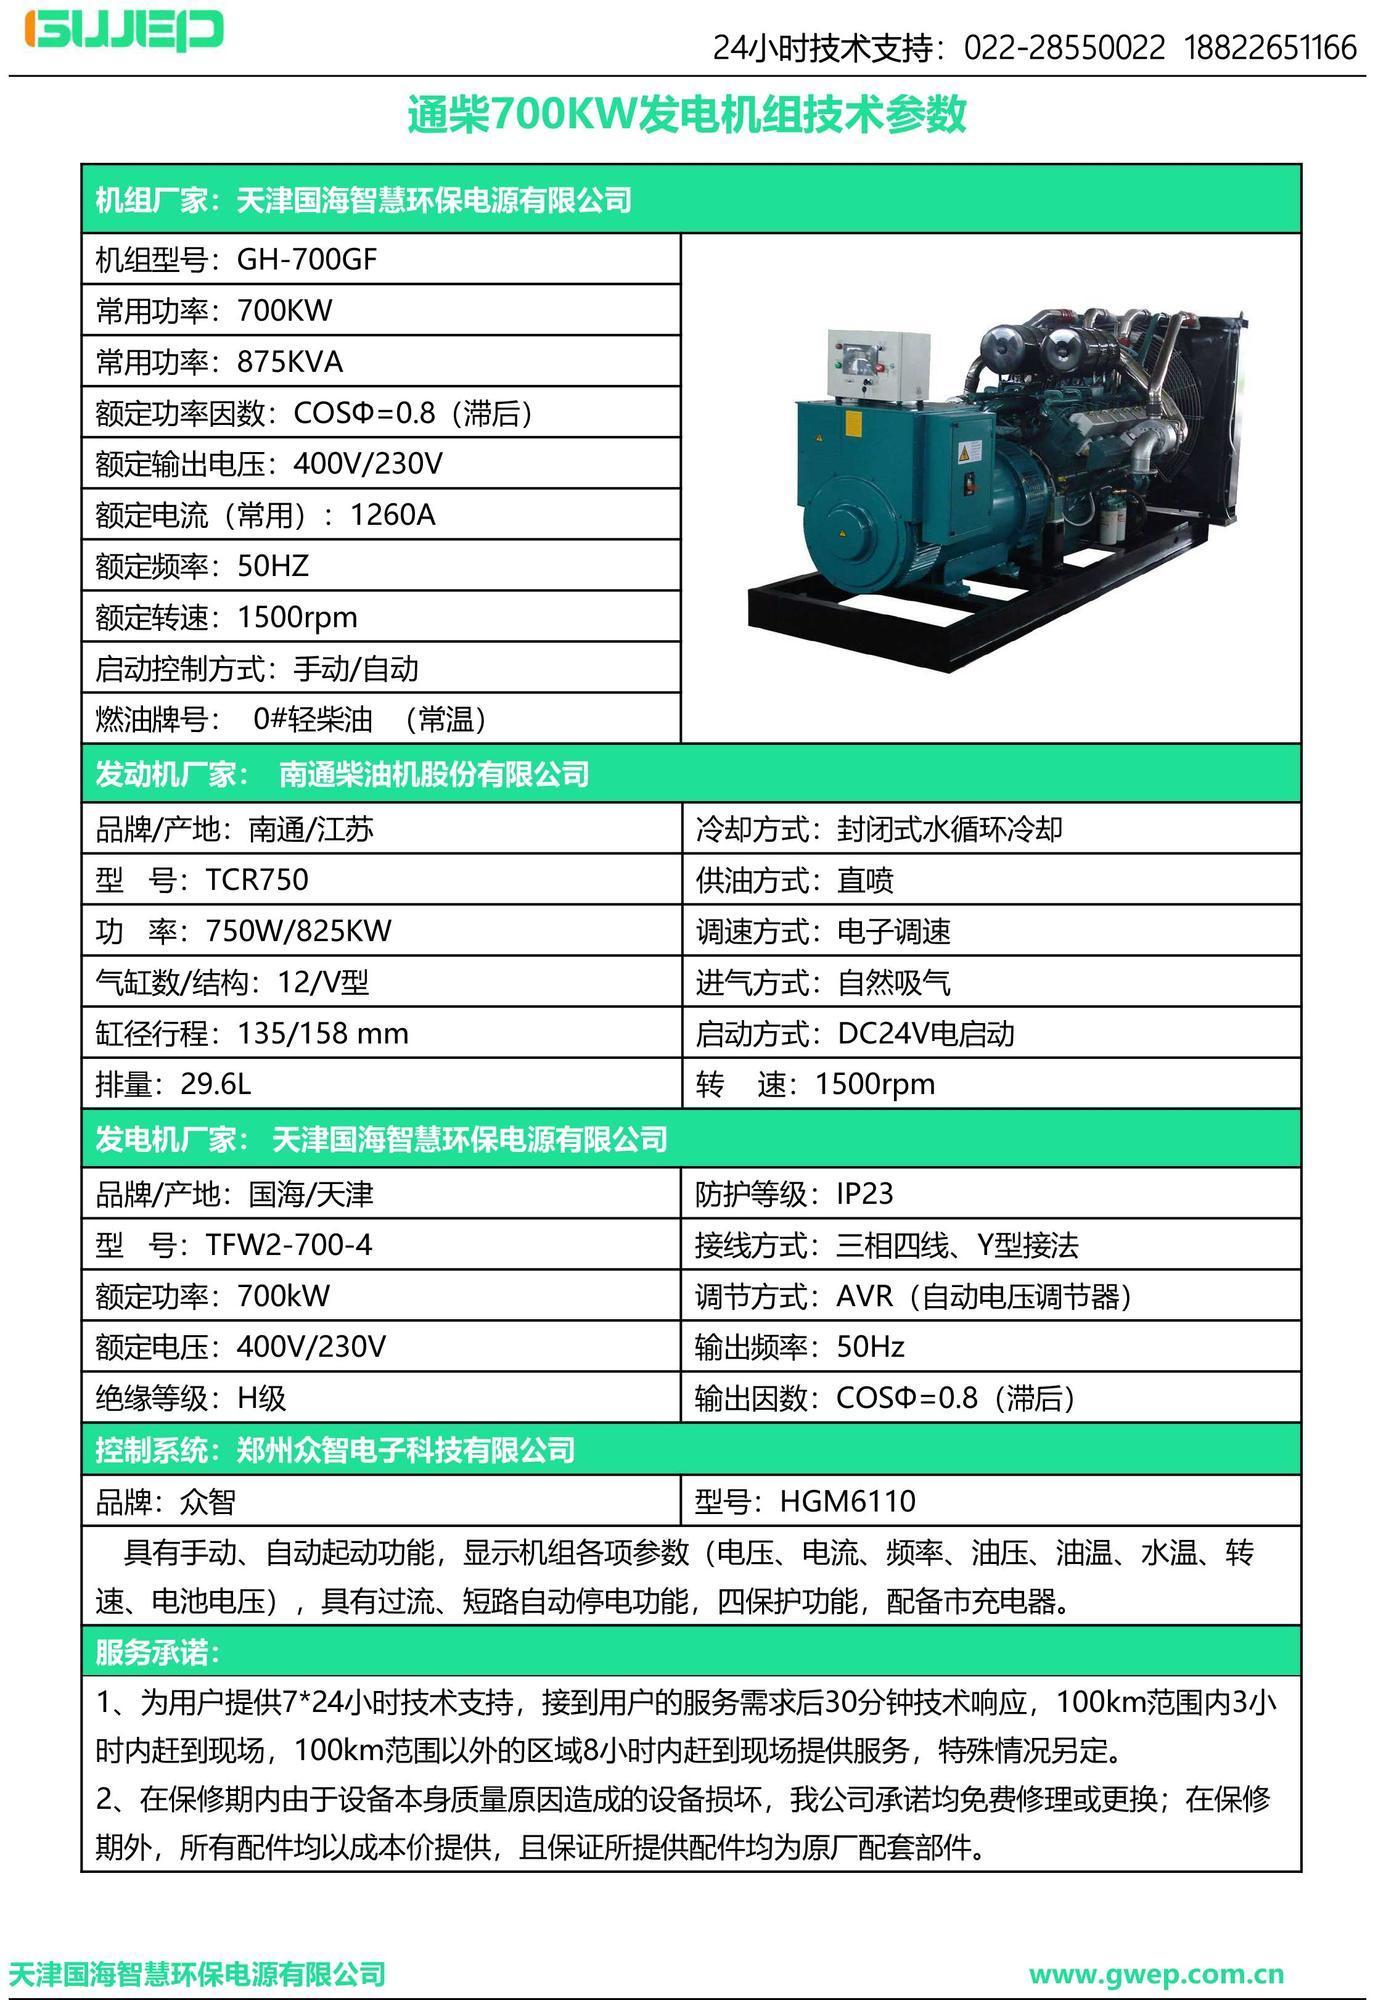 通柴700KW发电机组技术资料-2.jpg